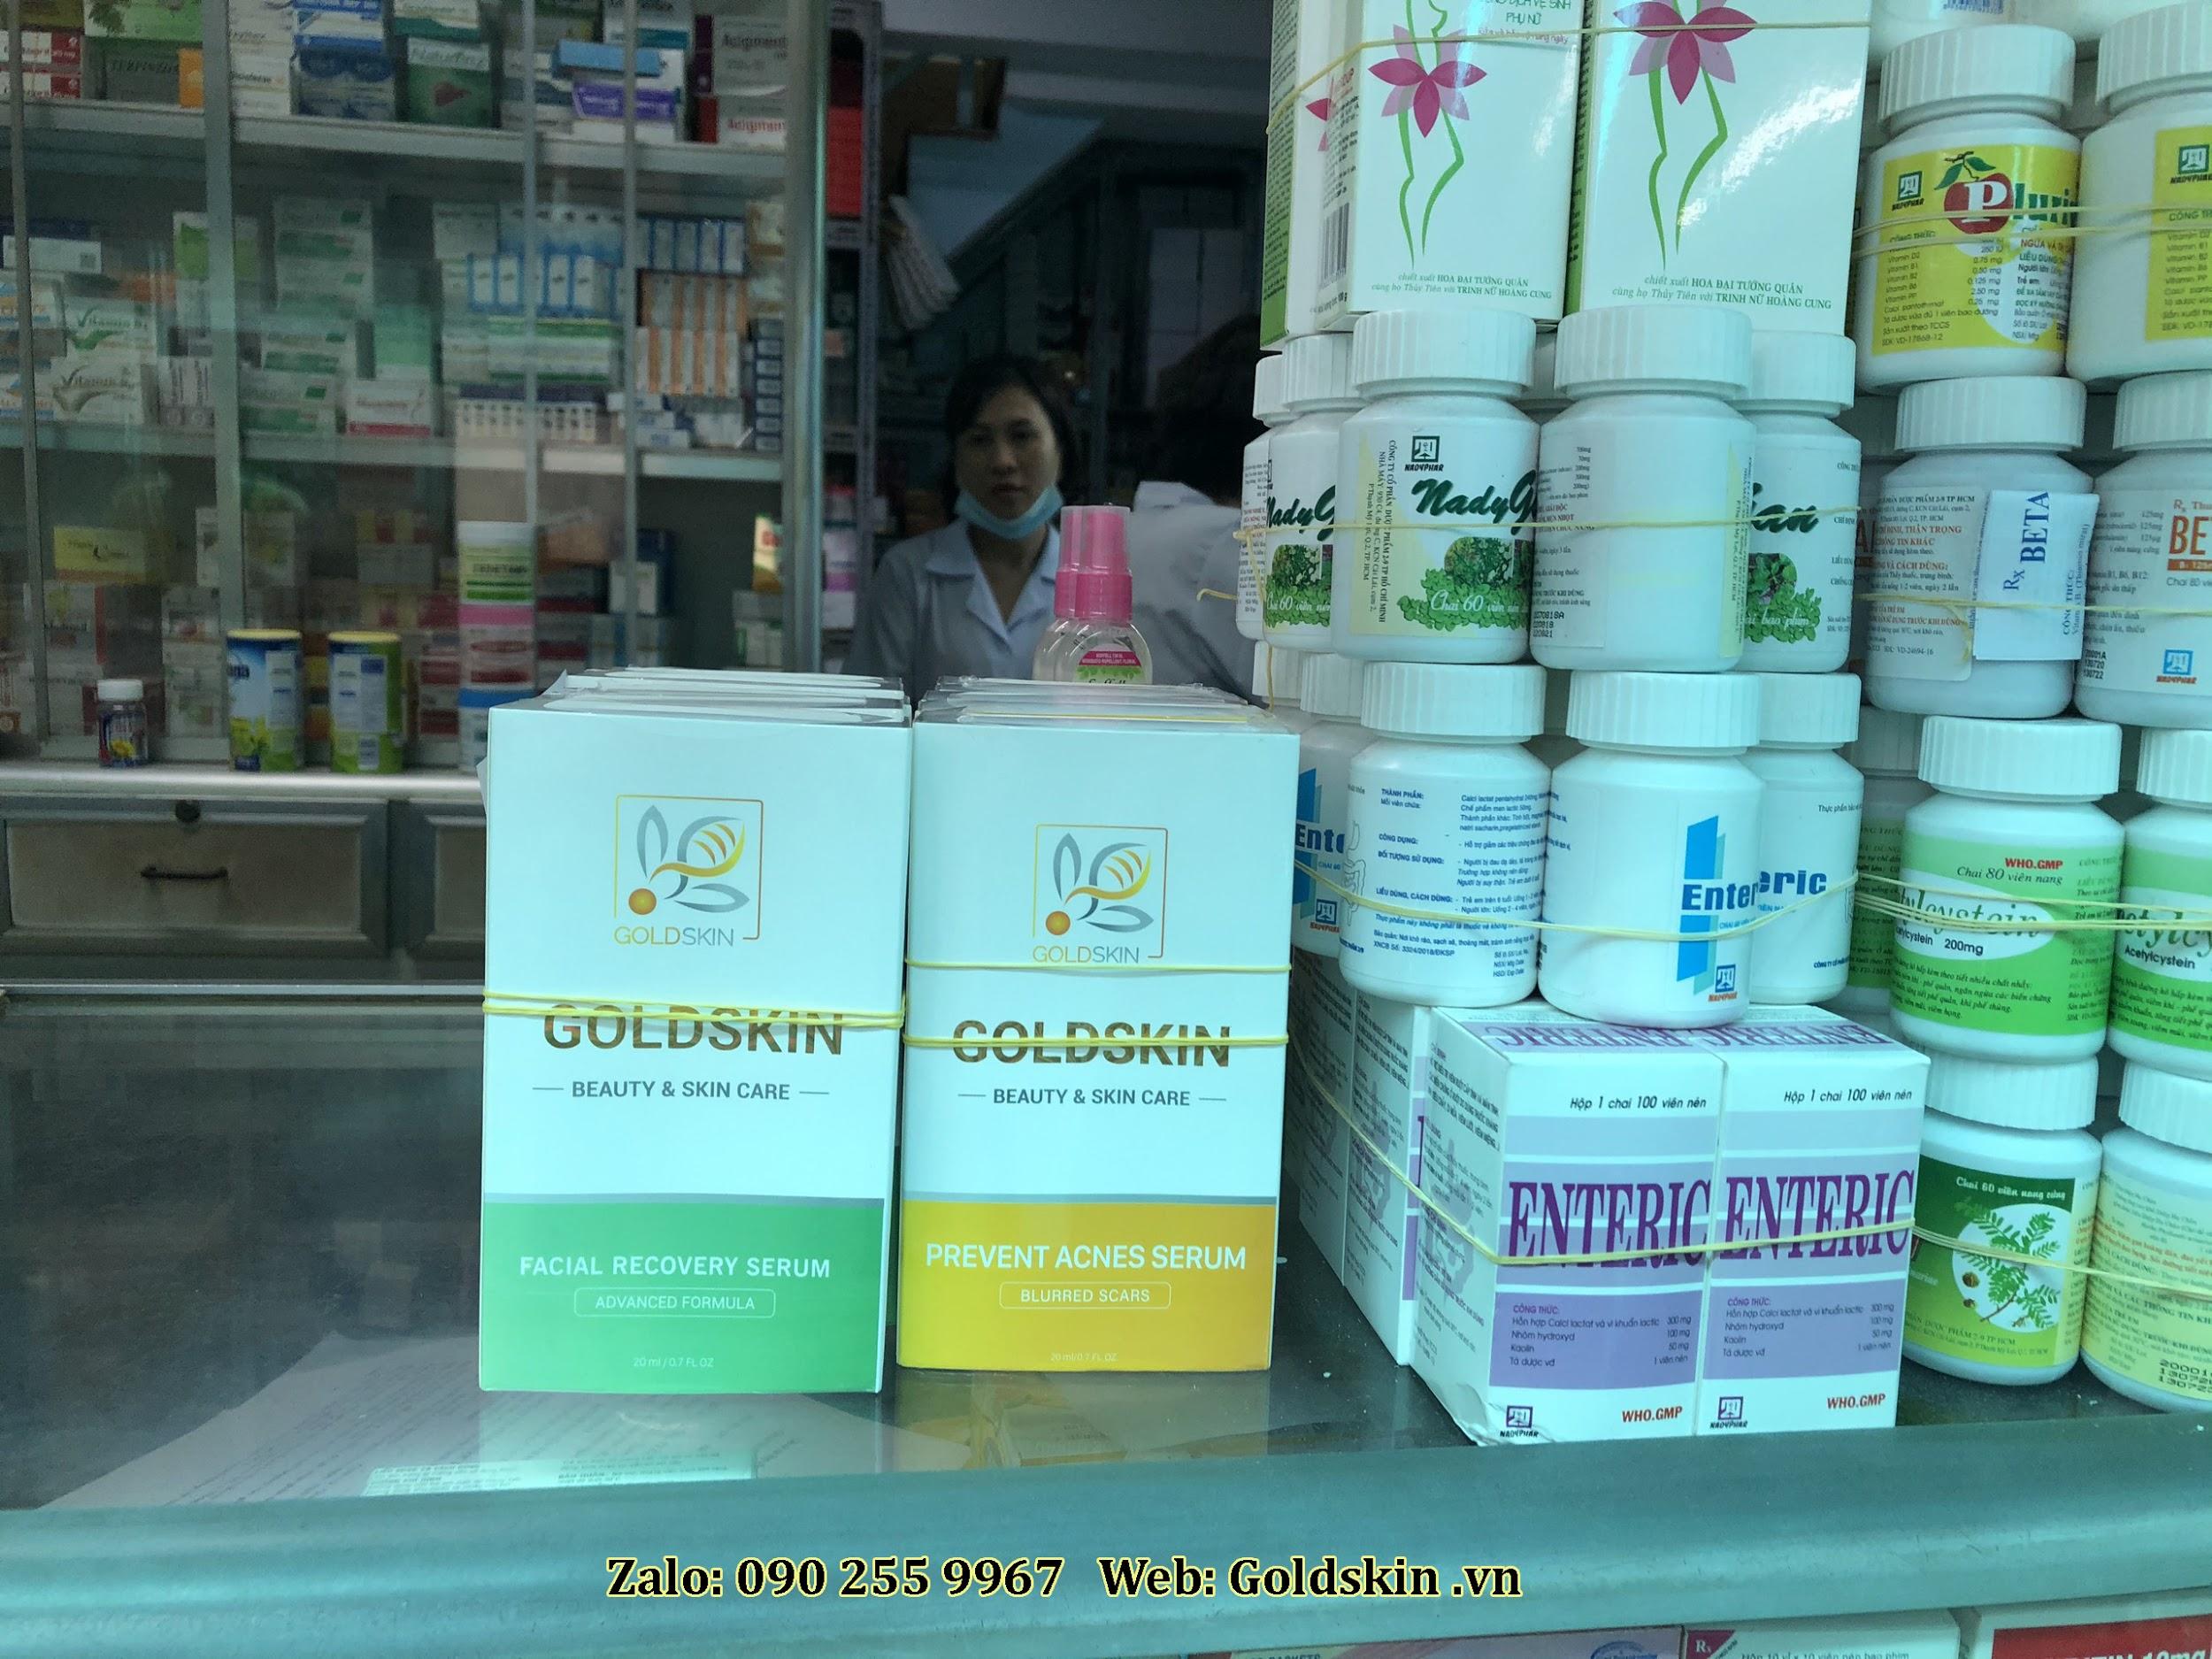 Goldskin – Serum hỗ trợ điều trị mụn trứng cá hiệu quả - Ảnh 3.